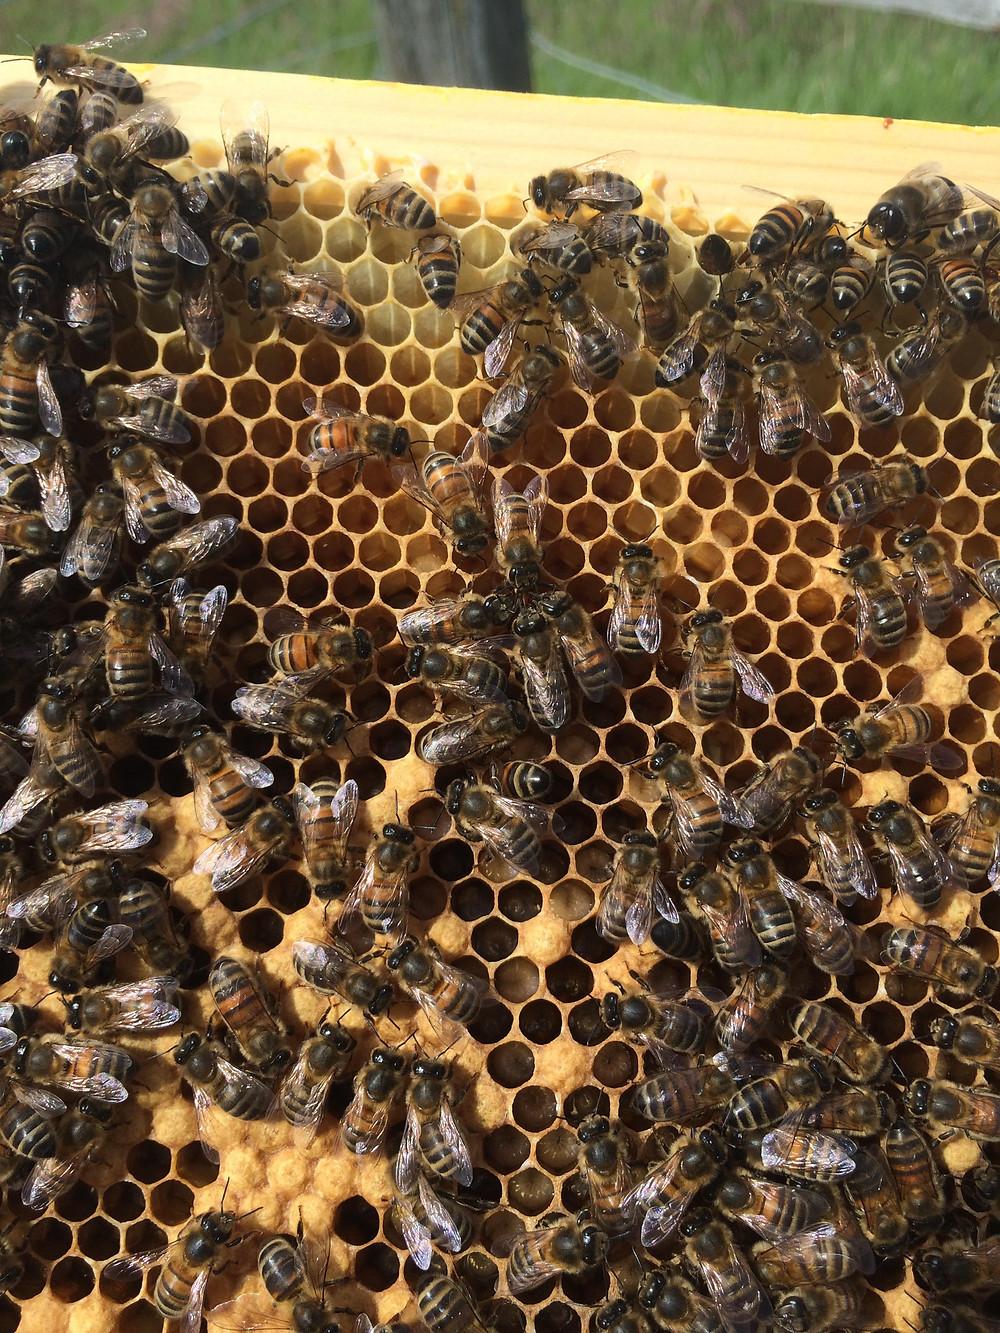 Buckfast Bees